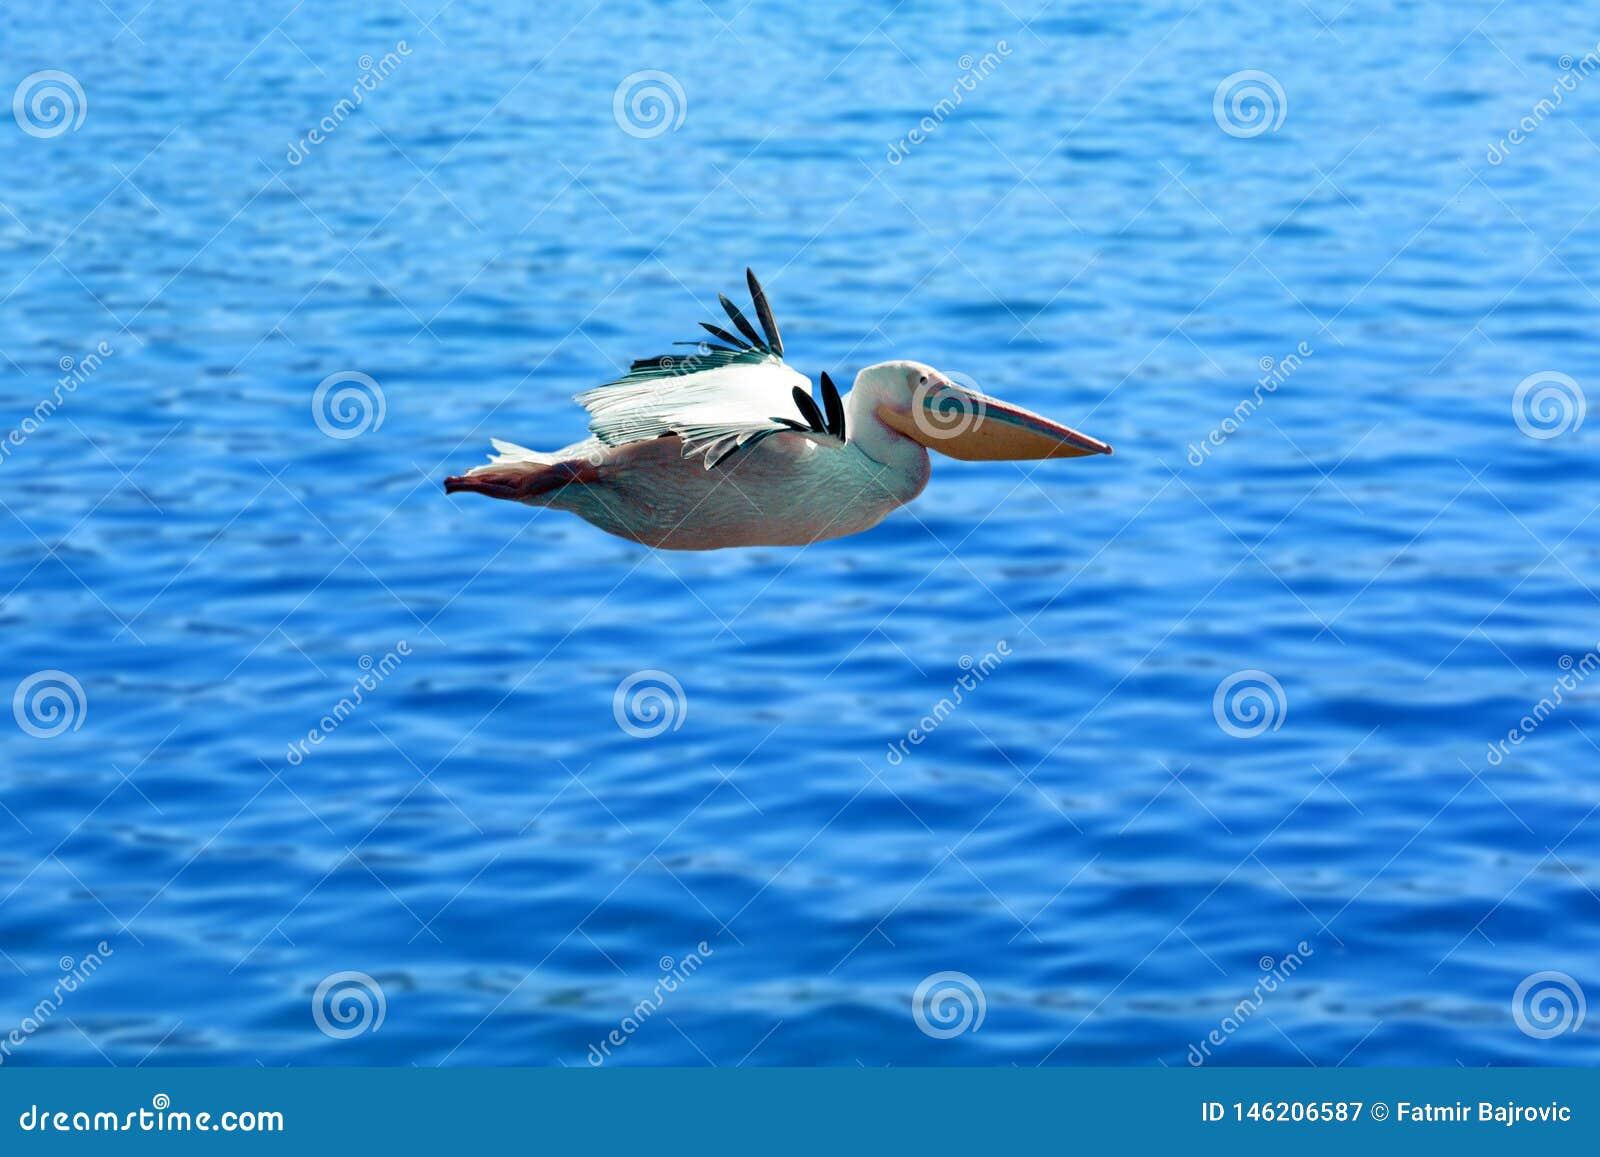 Ett mycket trevligt ögonblick i natur Pelikan i flykten över rent blått vatten Mycket trevligt blått vatten i bakgrunden